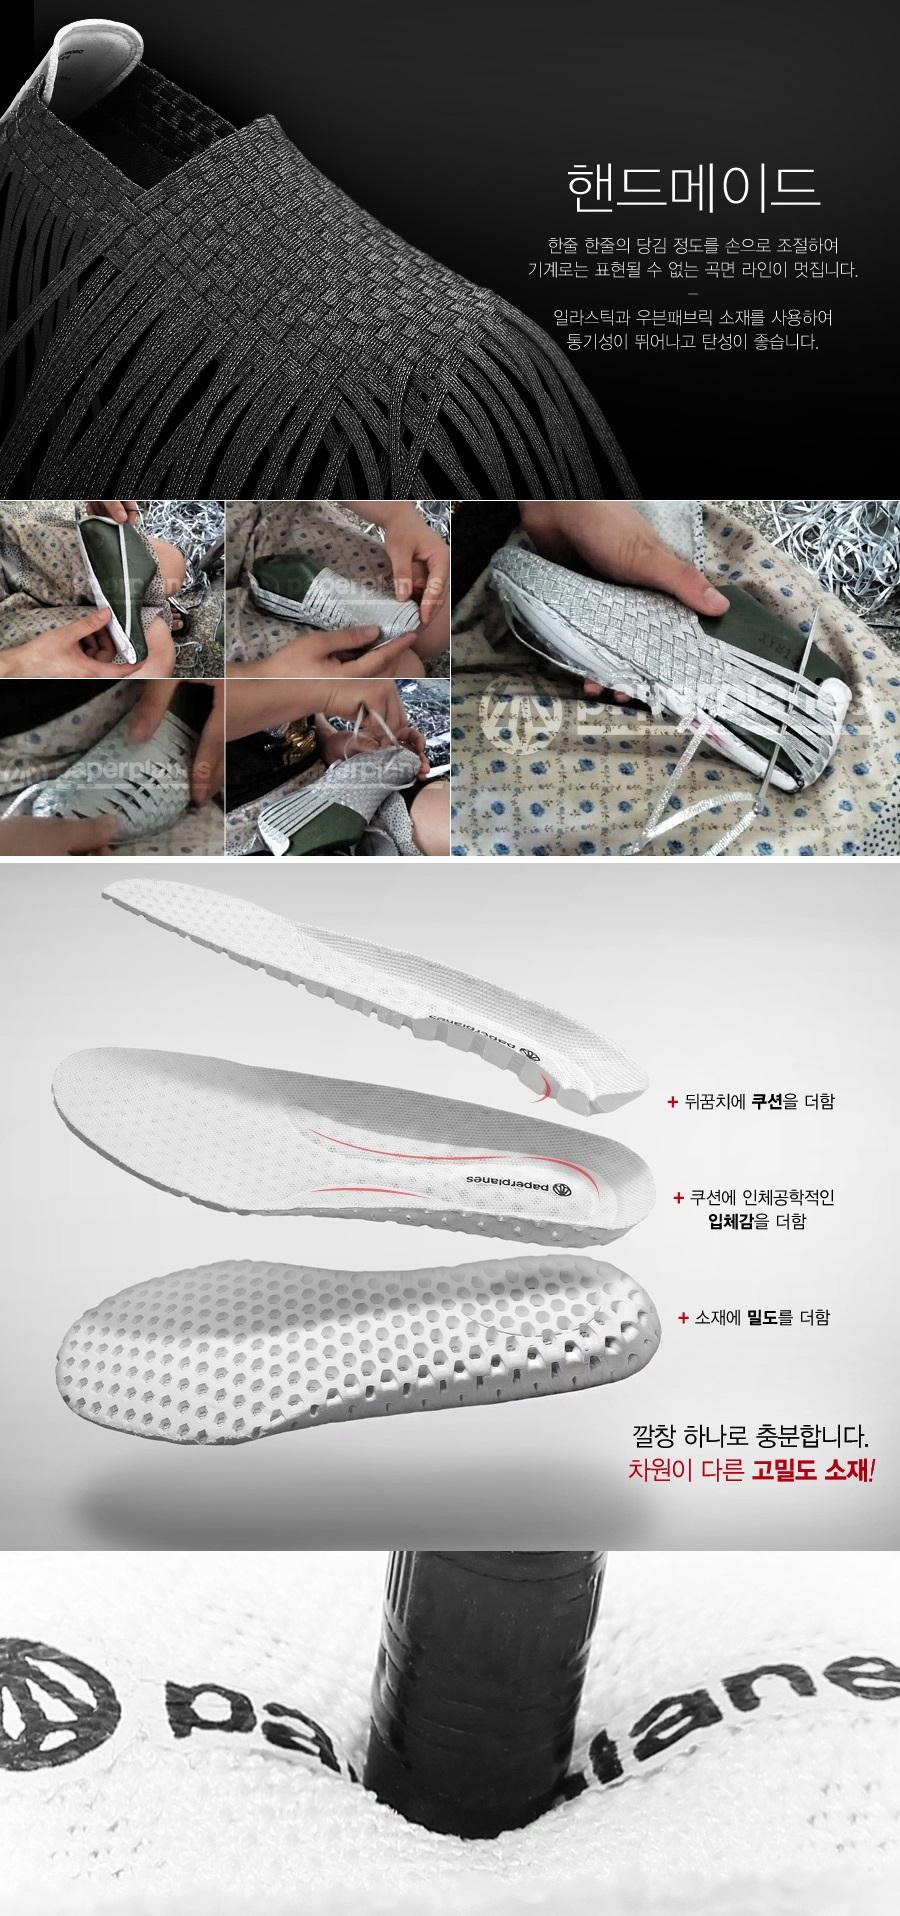 Bộ đôi mới từ PaperPlanes: Chỉn chu, tiện dụng, hợp thời trang và hợp cả thời tiết - Ảnh 2.